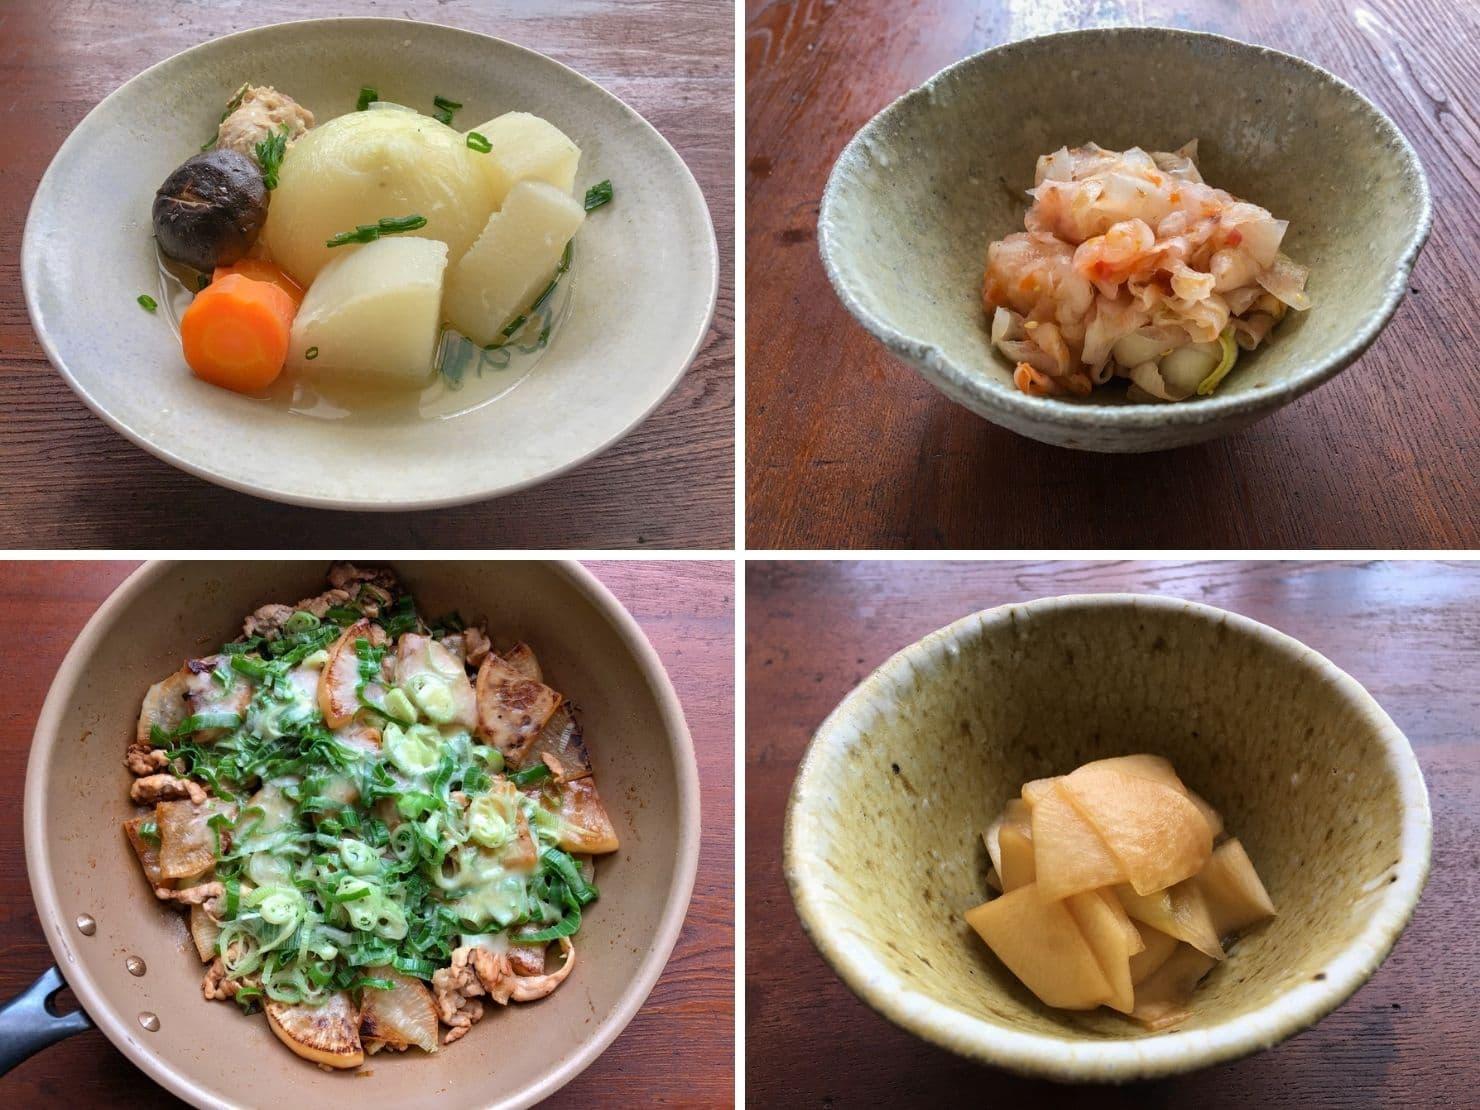 オンライン料理教室で作る料理の写真